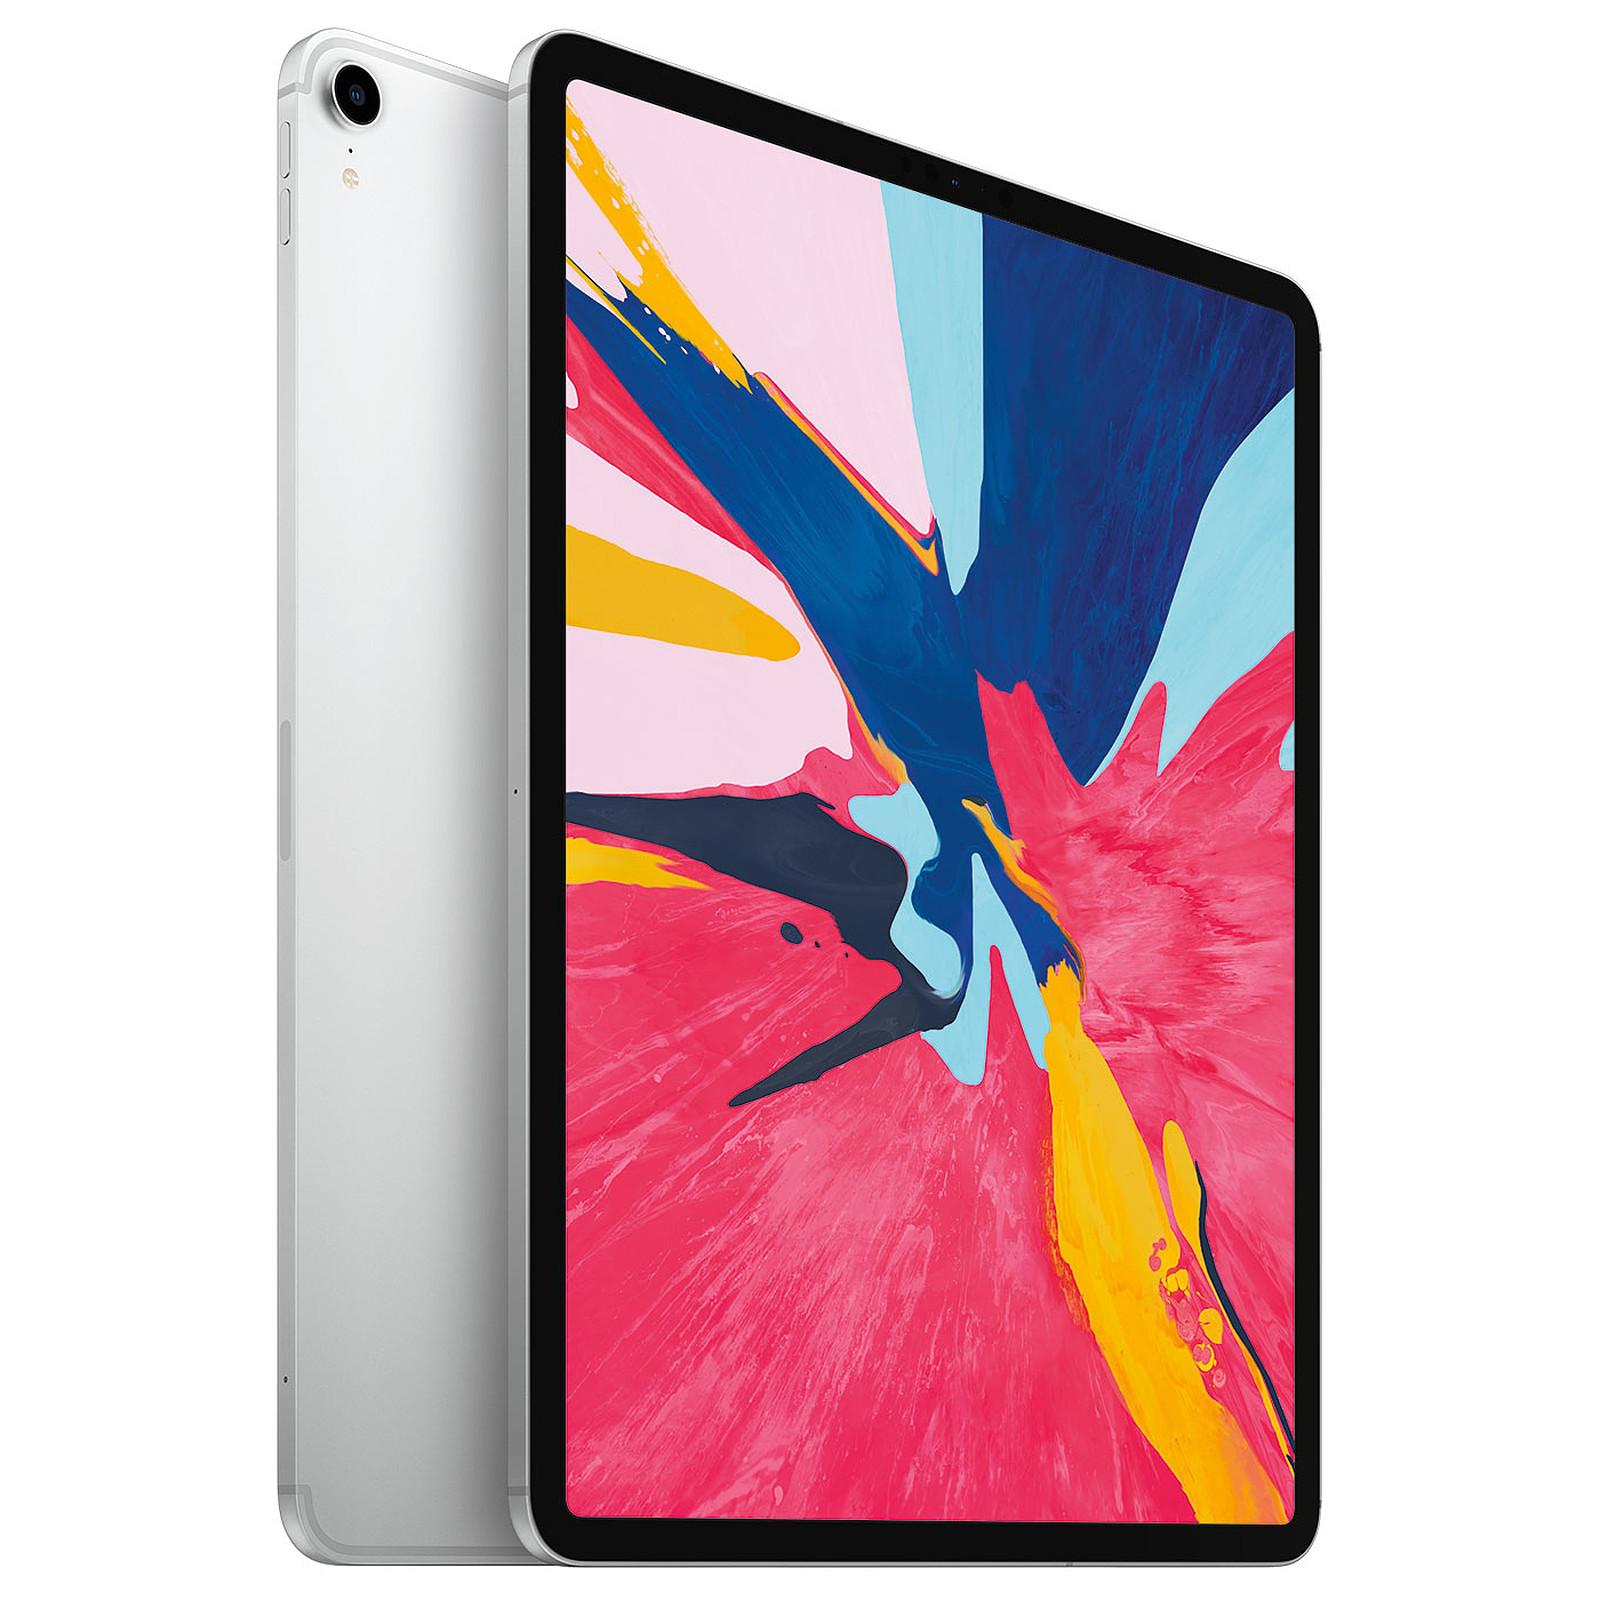 Apple iPad Pro (2018) 12.9 pouces 512 Go Wi-Fi + Cellular Argent